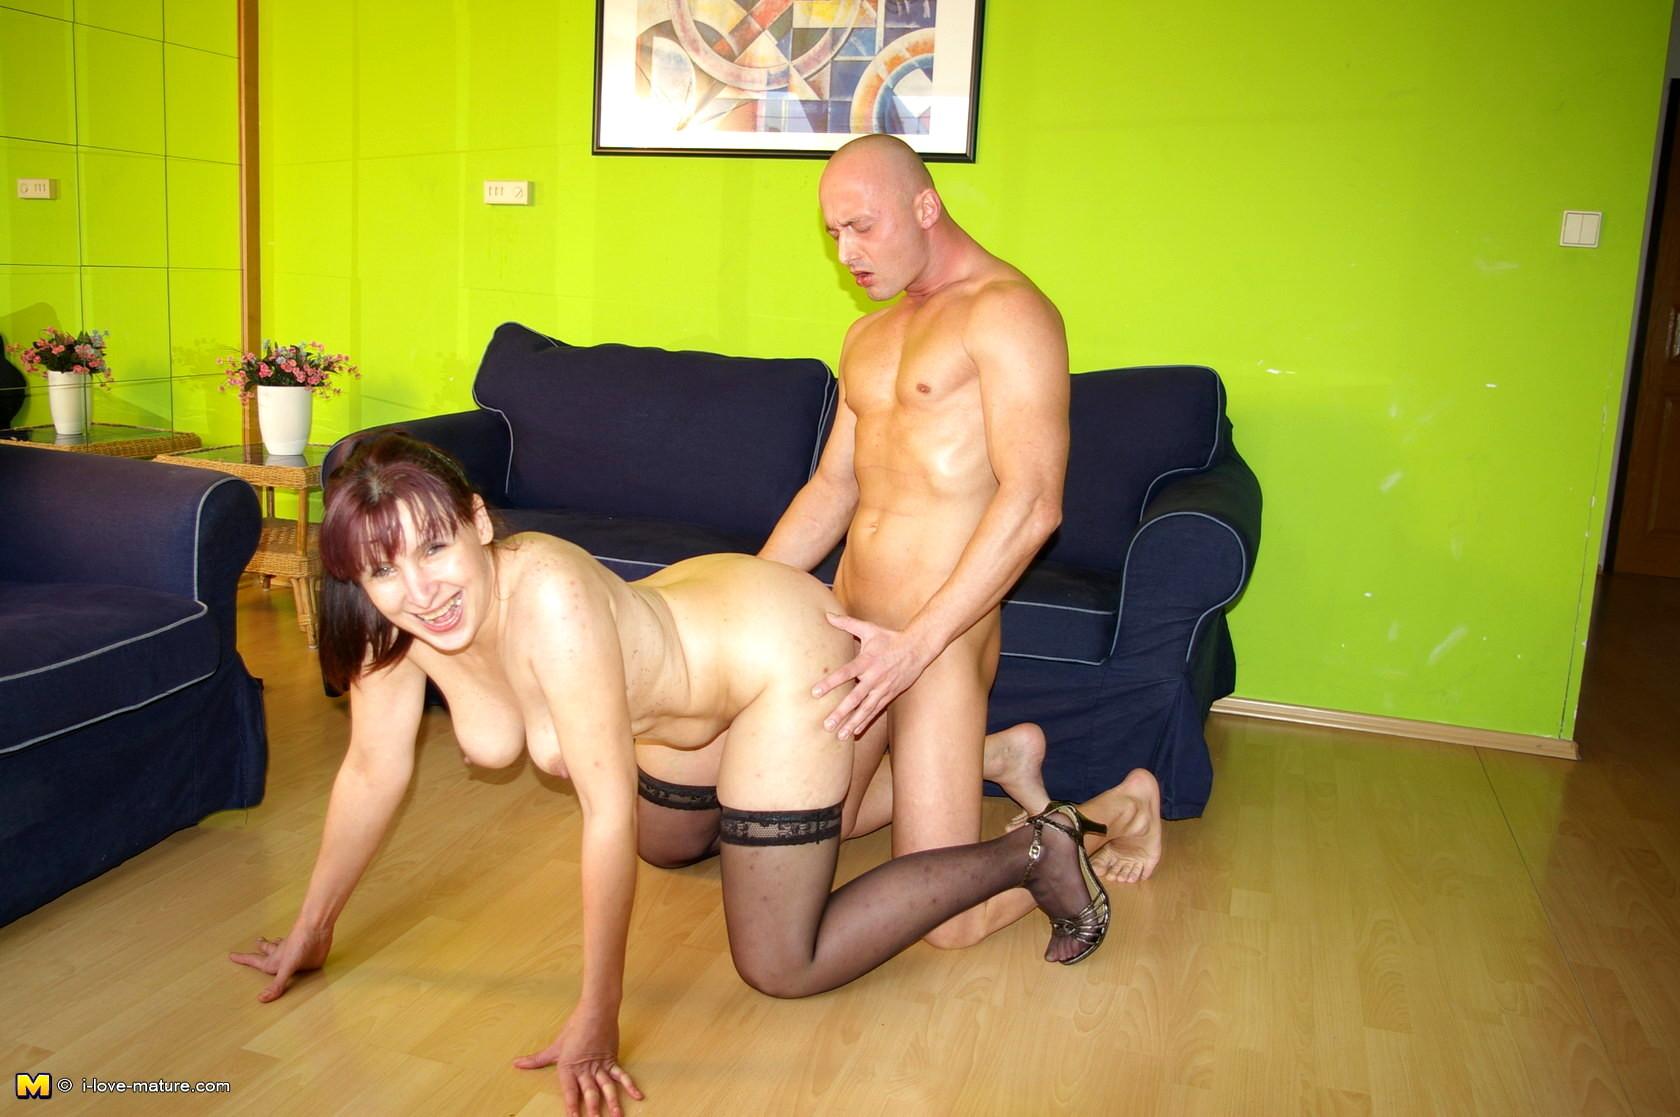 pornofilms nl sex pics for mobile